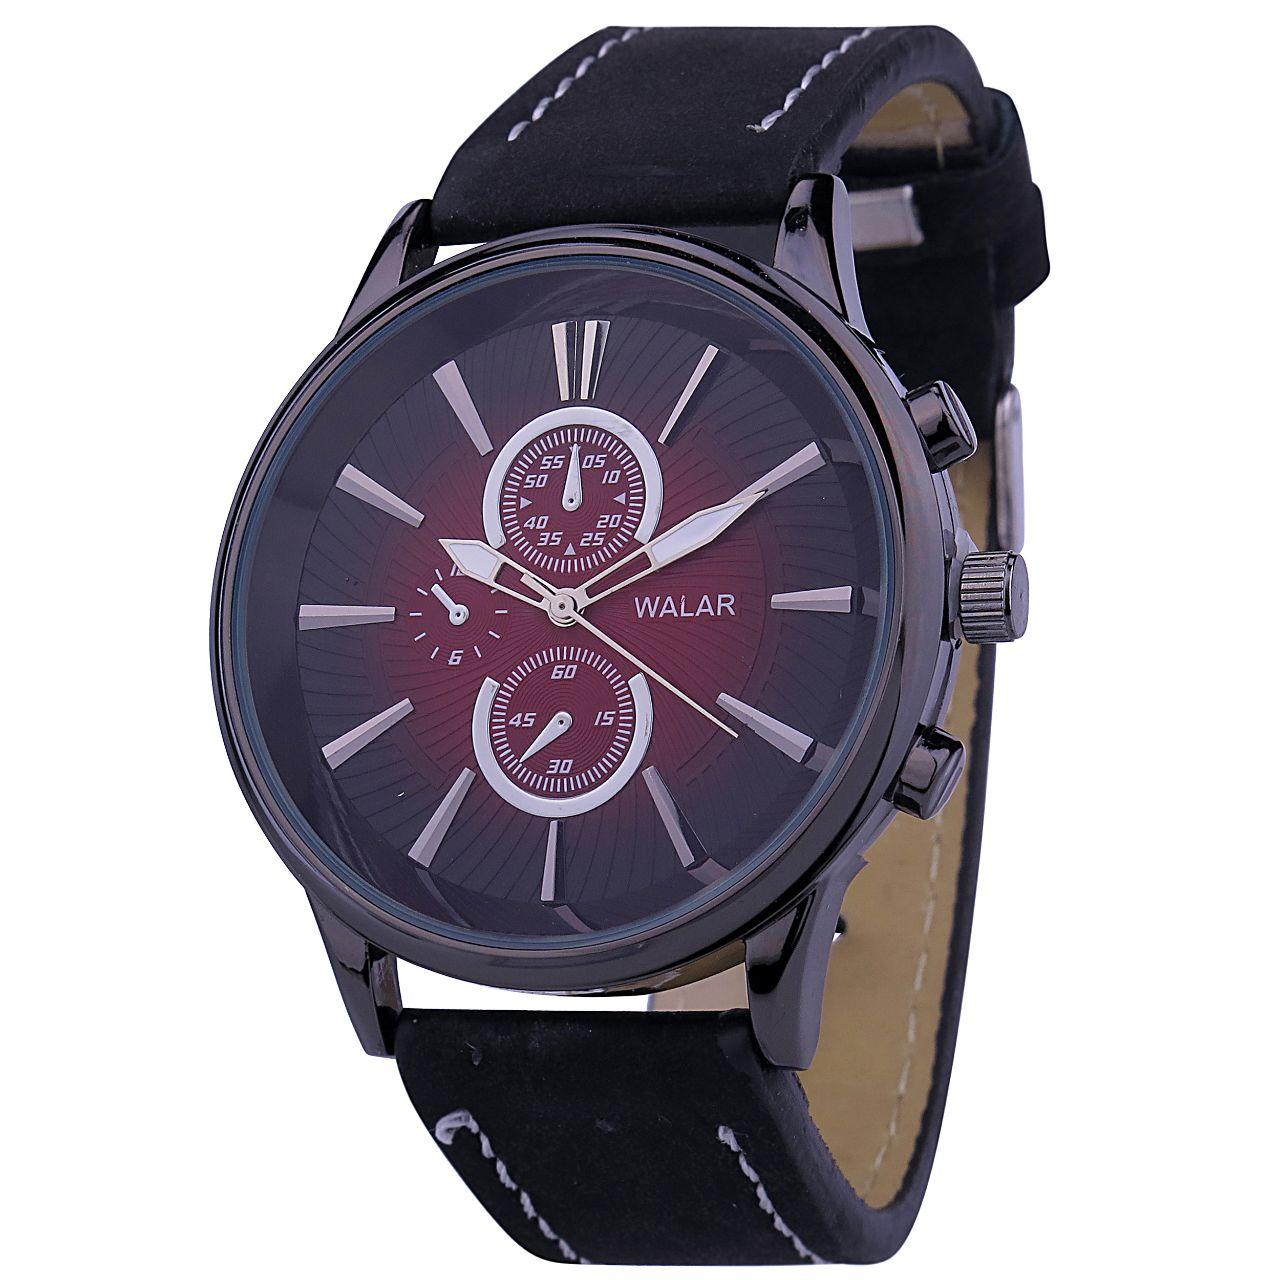 ساعت مچی عقربه ای والار کد BR-001              خرید (⭐️⭐️⭐️)